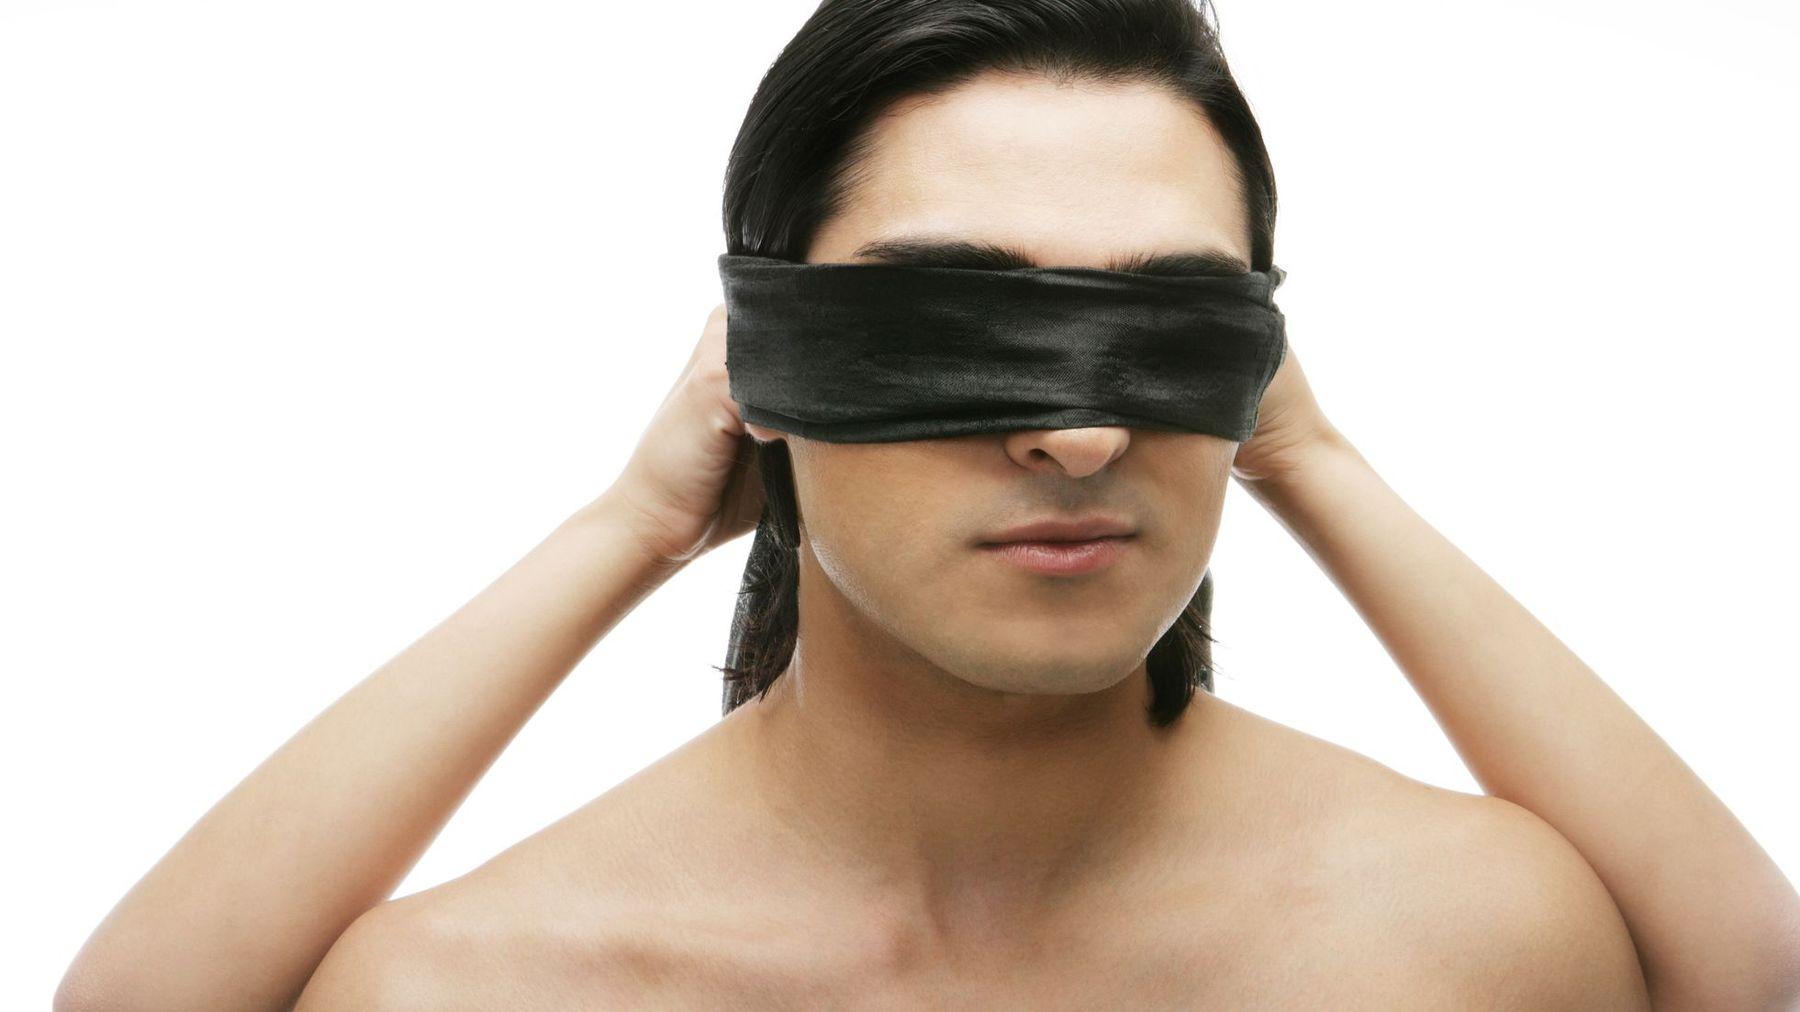 Gay Pornosu Çekmek İçin Erkekleri Kandıran Yapımcı Suçlu Bulundu